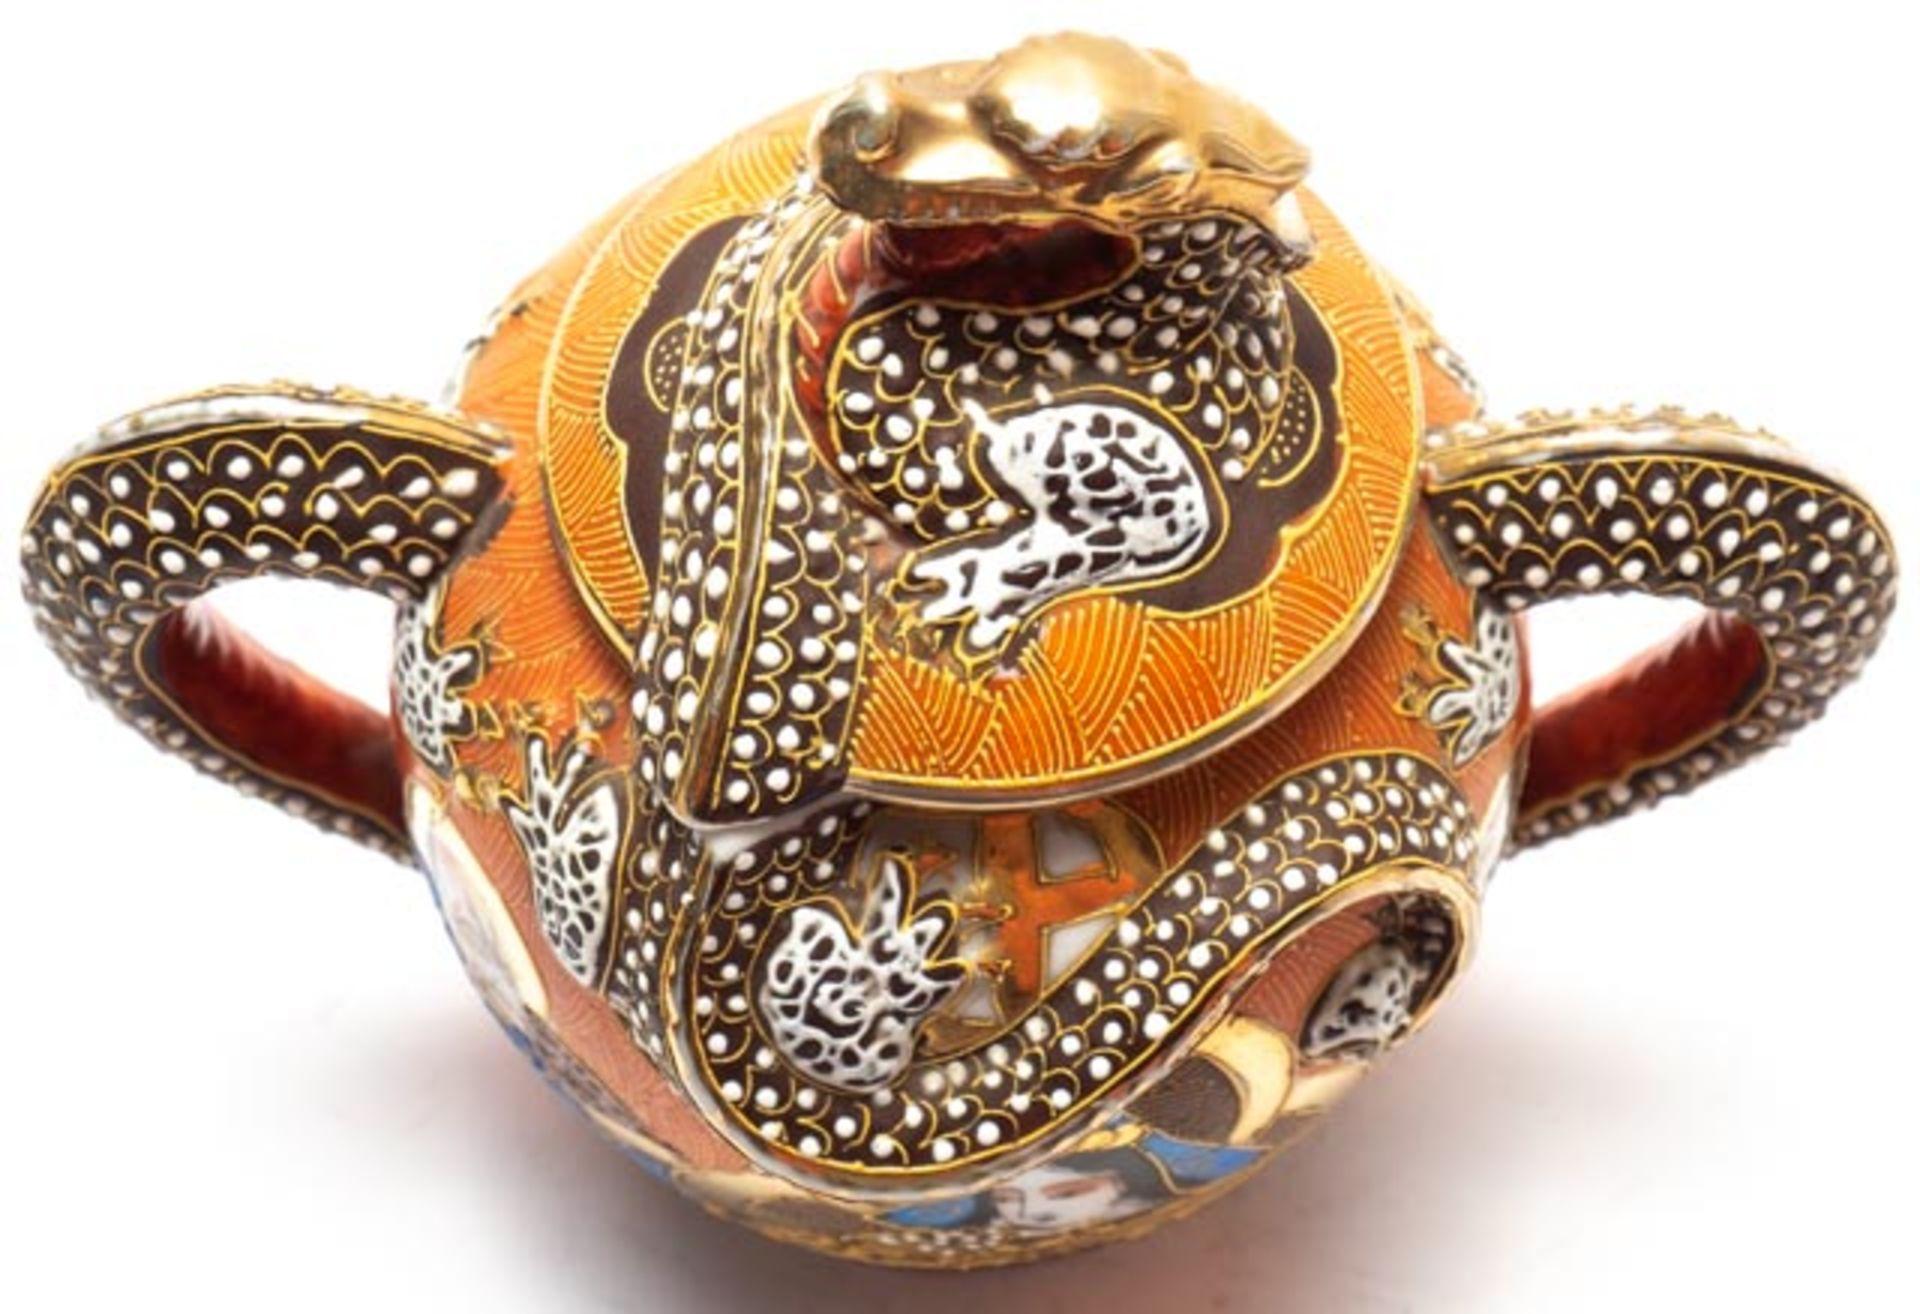 Prunkvolle asiatische Deckeldose - Image 11 of 14